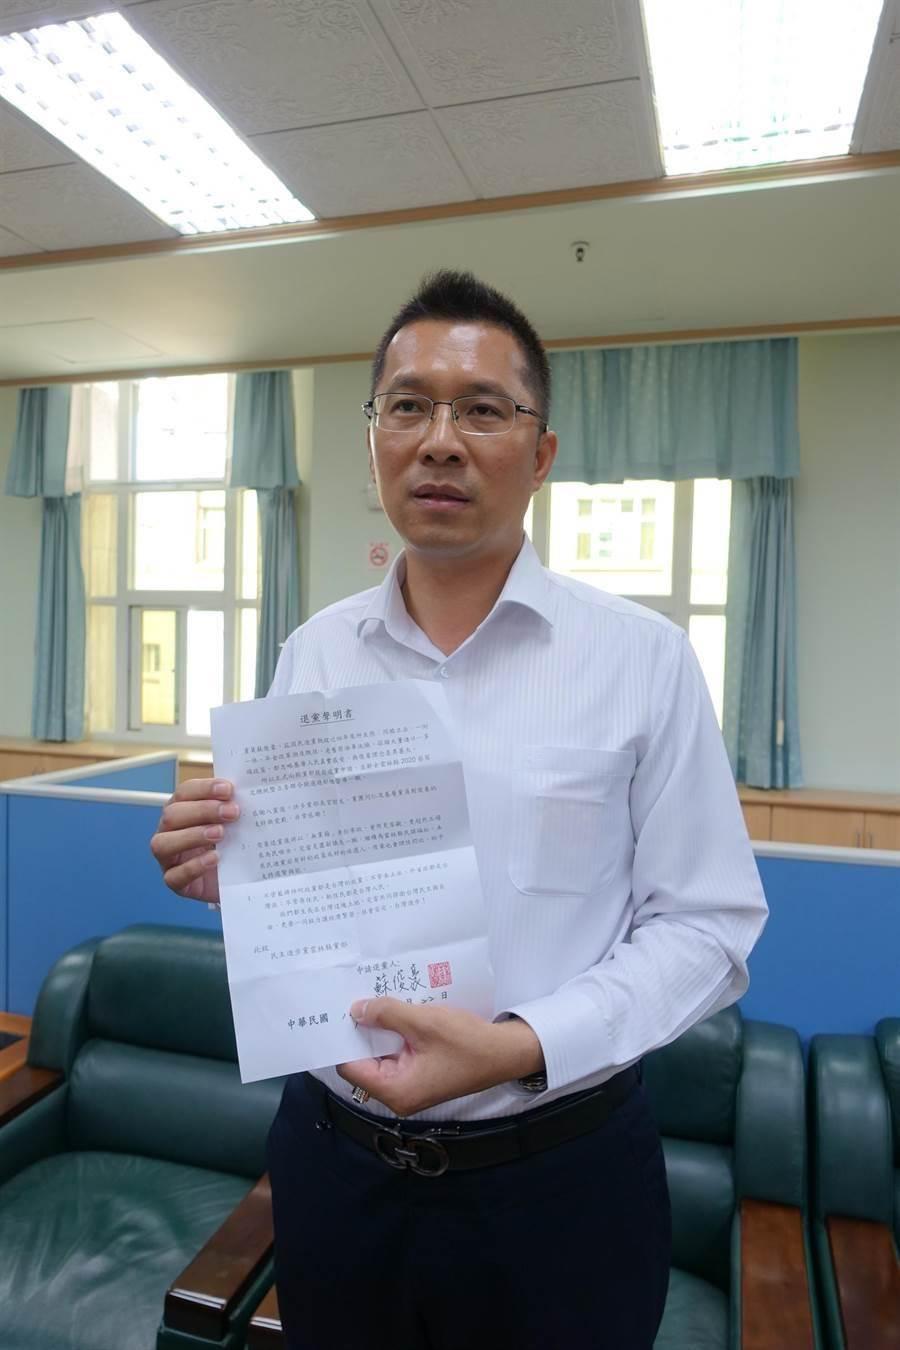 民進黨籍雲林縣議會副議長蘇俊豪22日宣布退黨,不支持蔡英文競選連任。(周麗蘭攝)